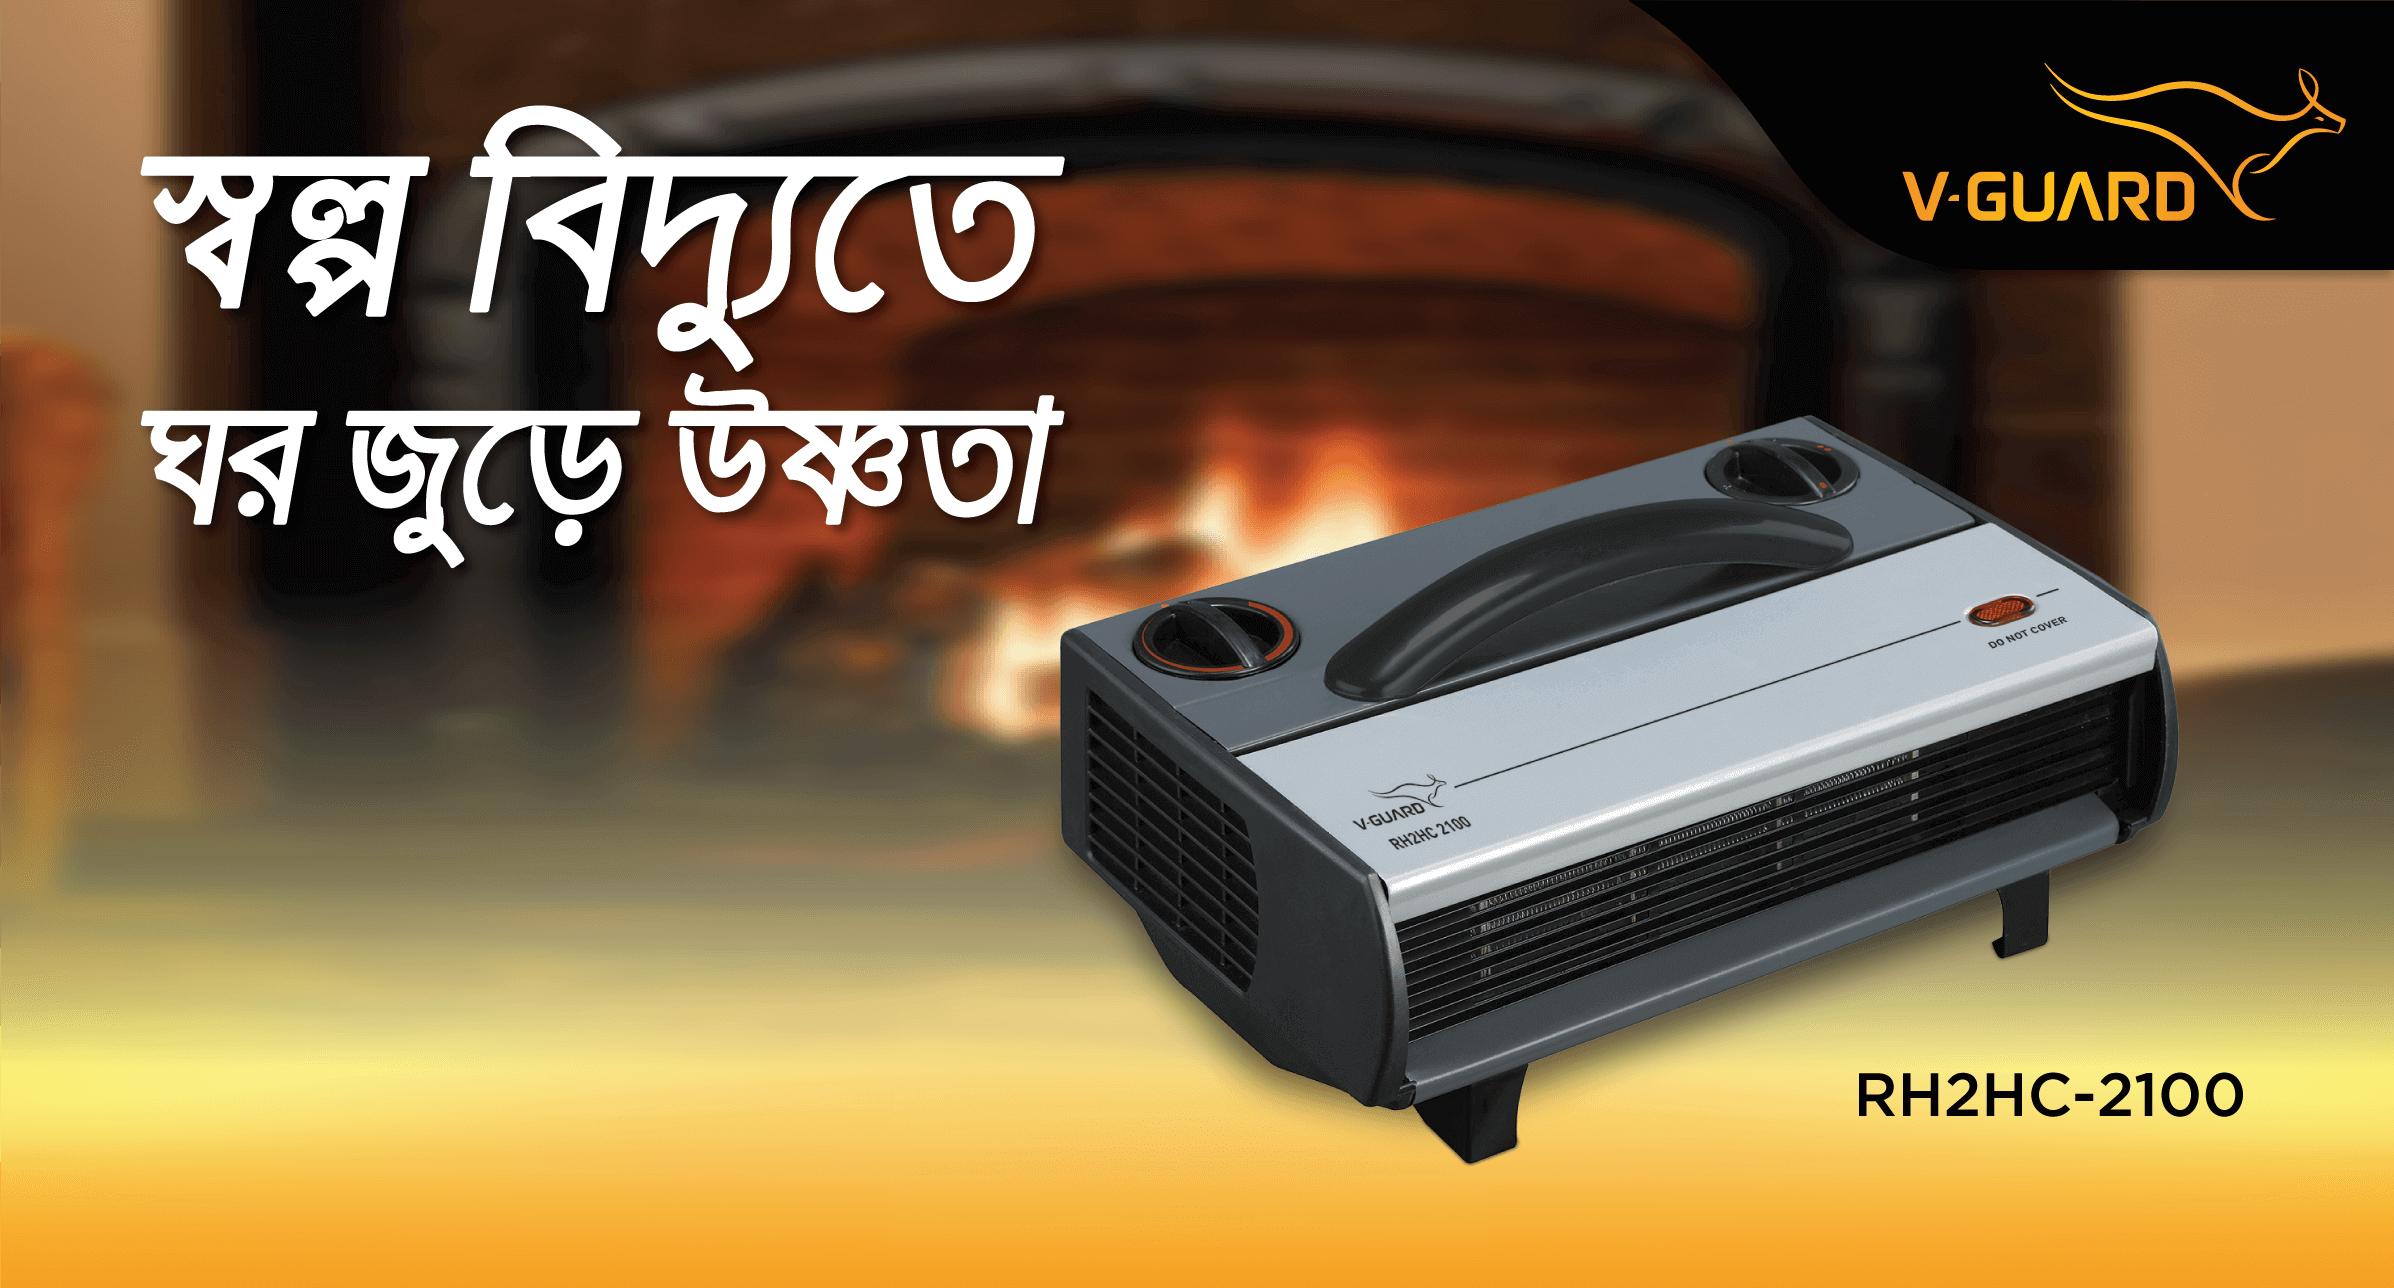 V-gaurd-Room-heater-Best Electronics